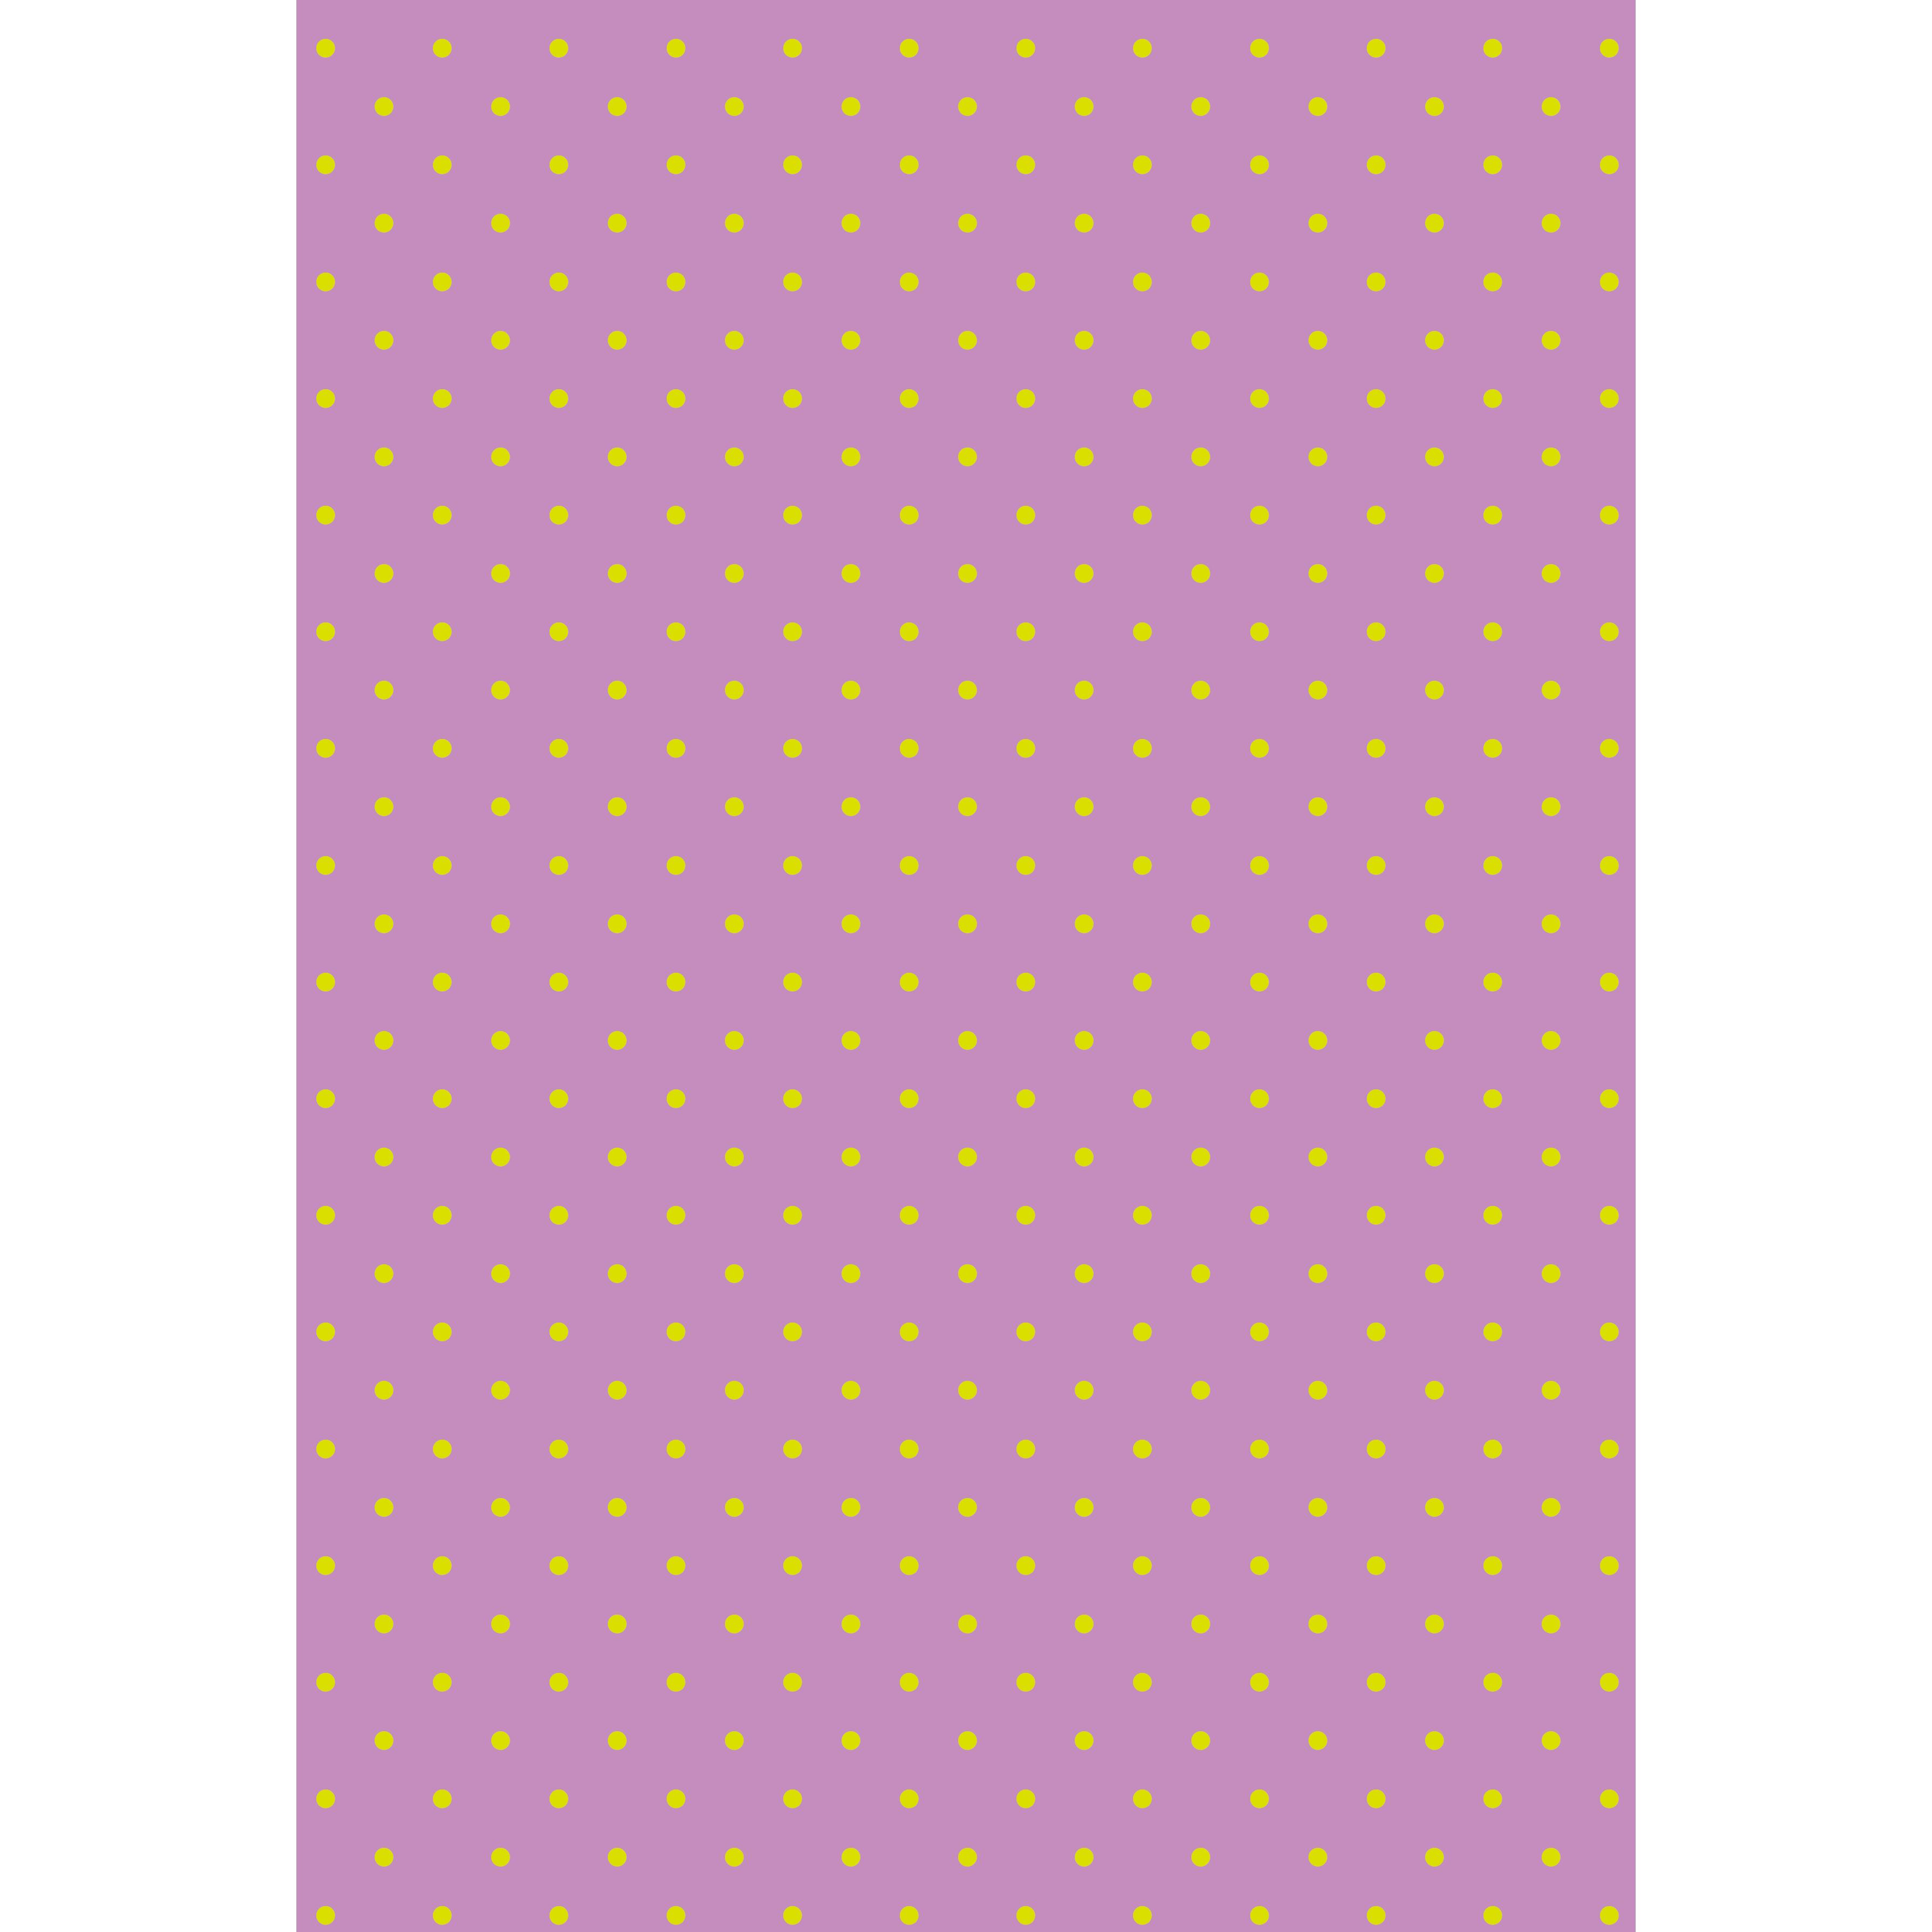 水玉(ドット)パープル×緑 背景デザイン イラスト | 商用フリー(無料